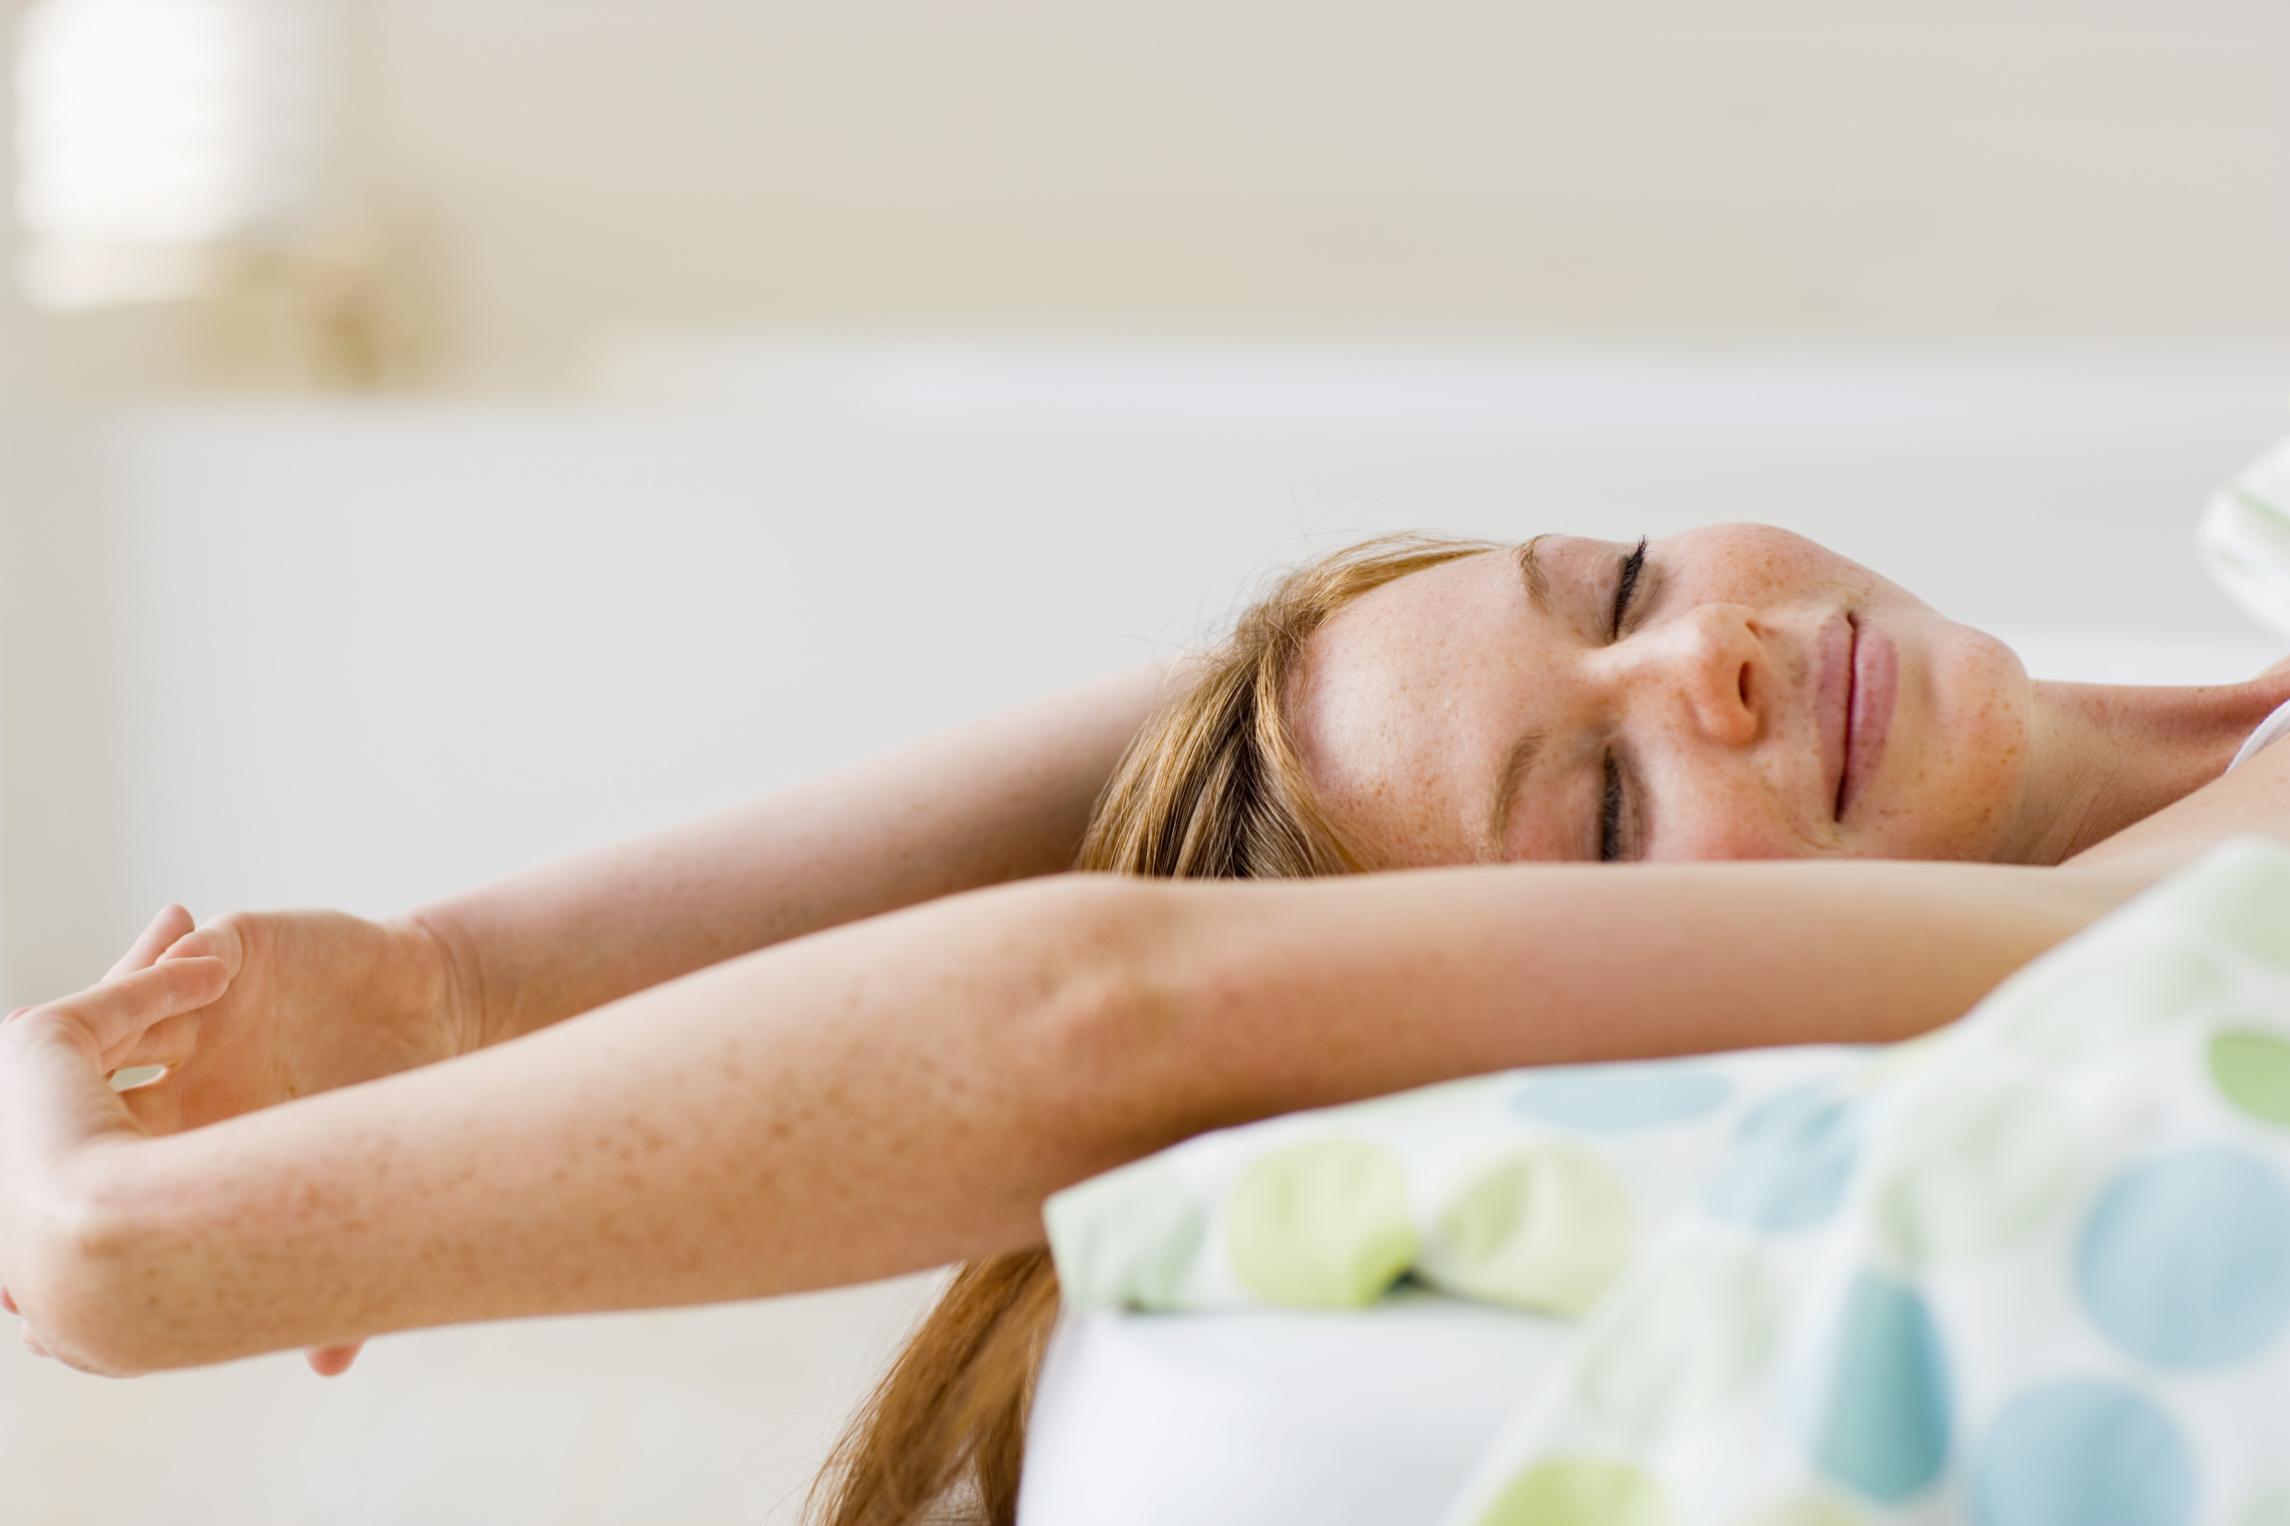 便秘・むくみ・ストレスも解消!?美人の常識「寝ながら腹式呼吸」